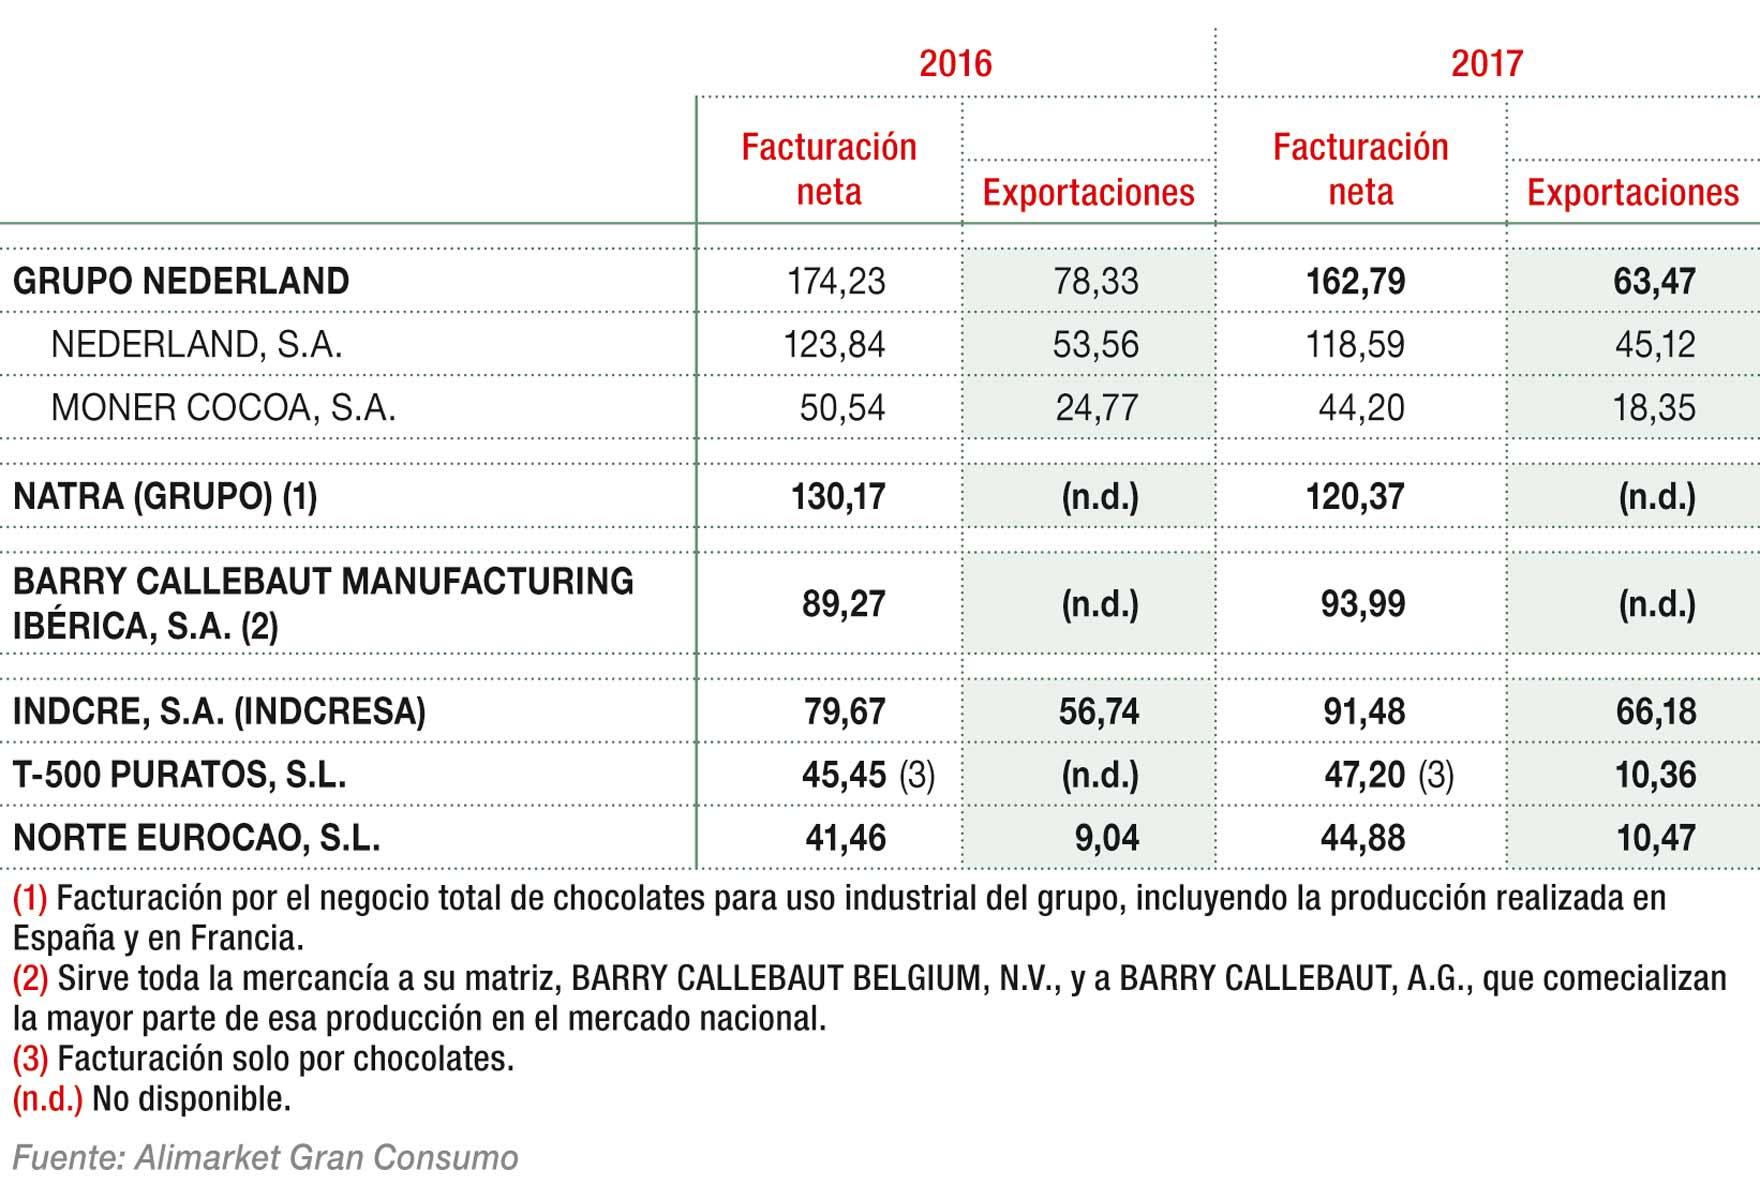 Principales fabricantes y comercializadores de cacaos y chocolates industriales por ingresos (M€)